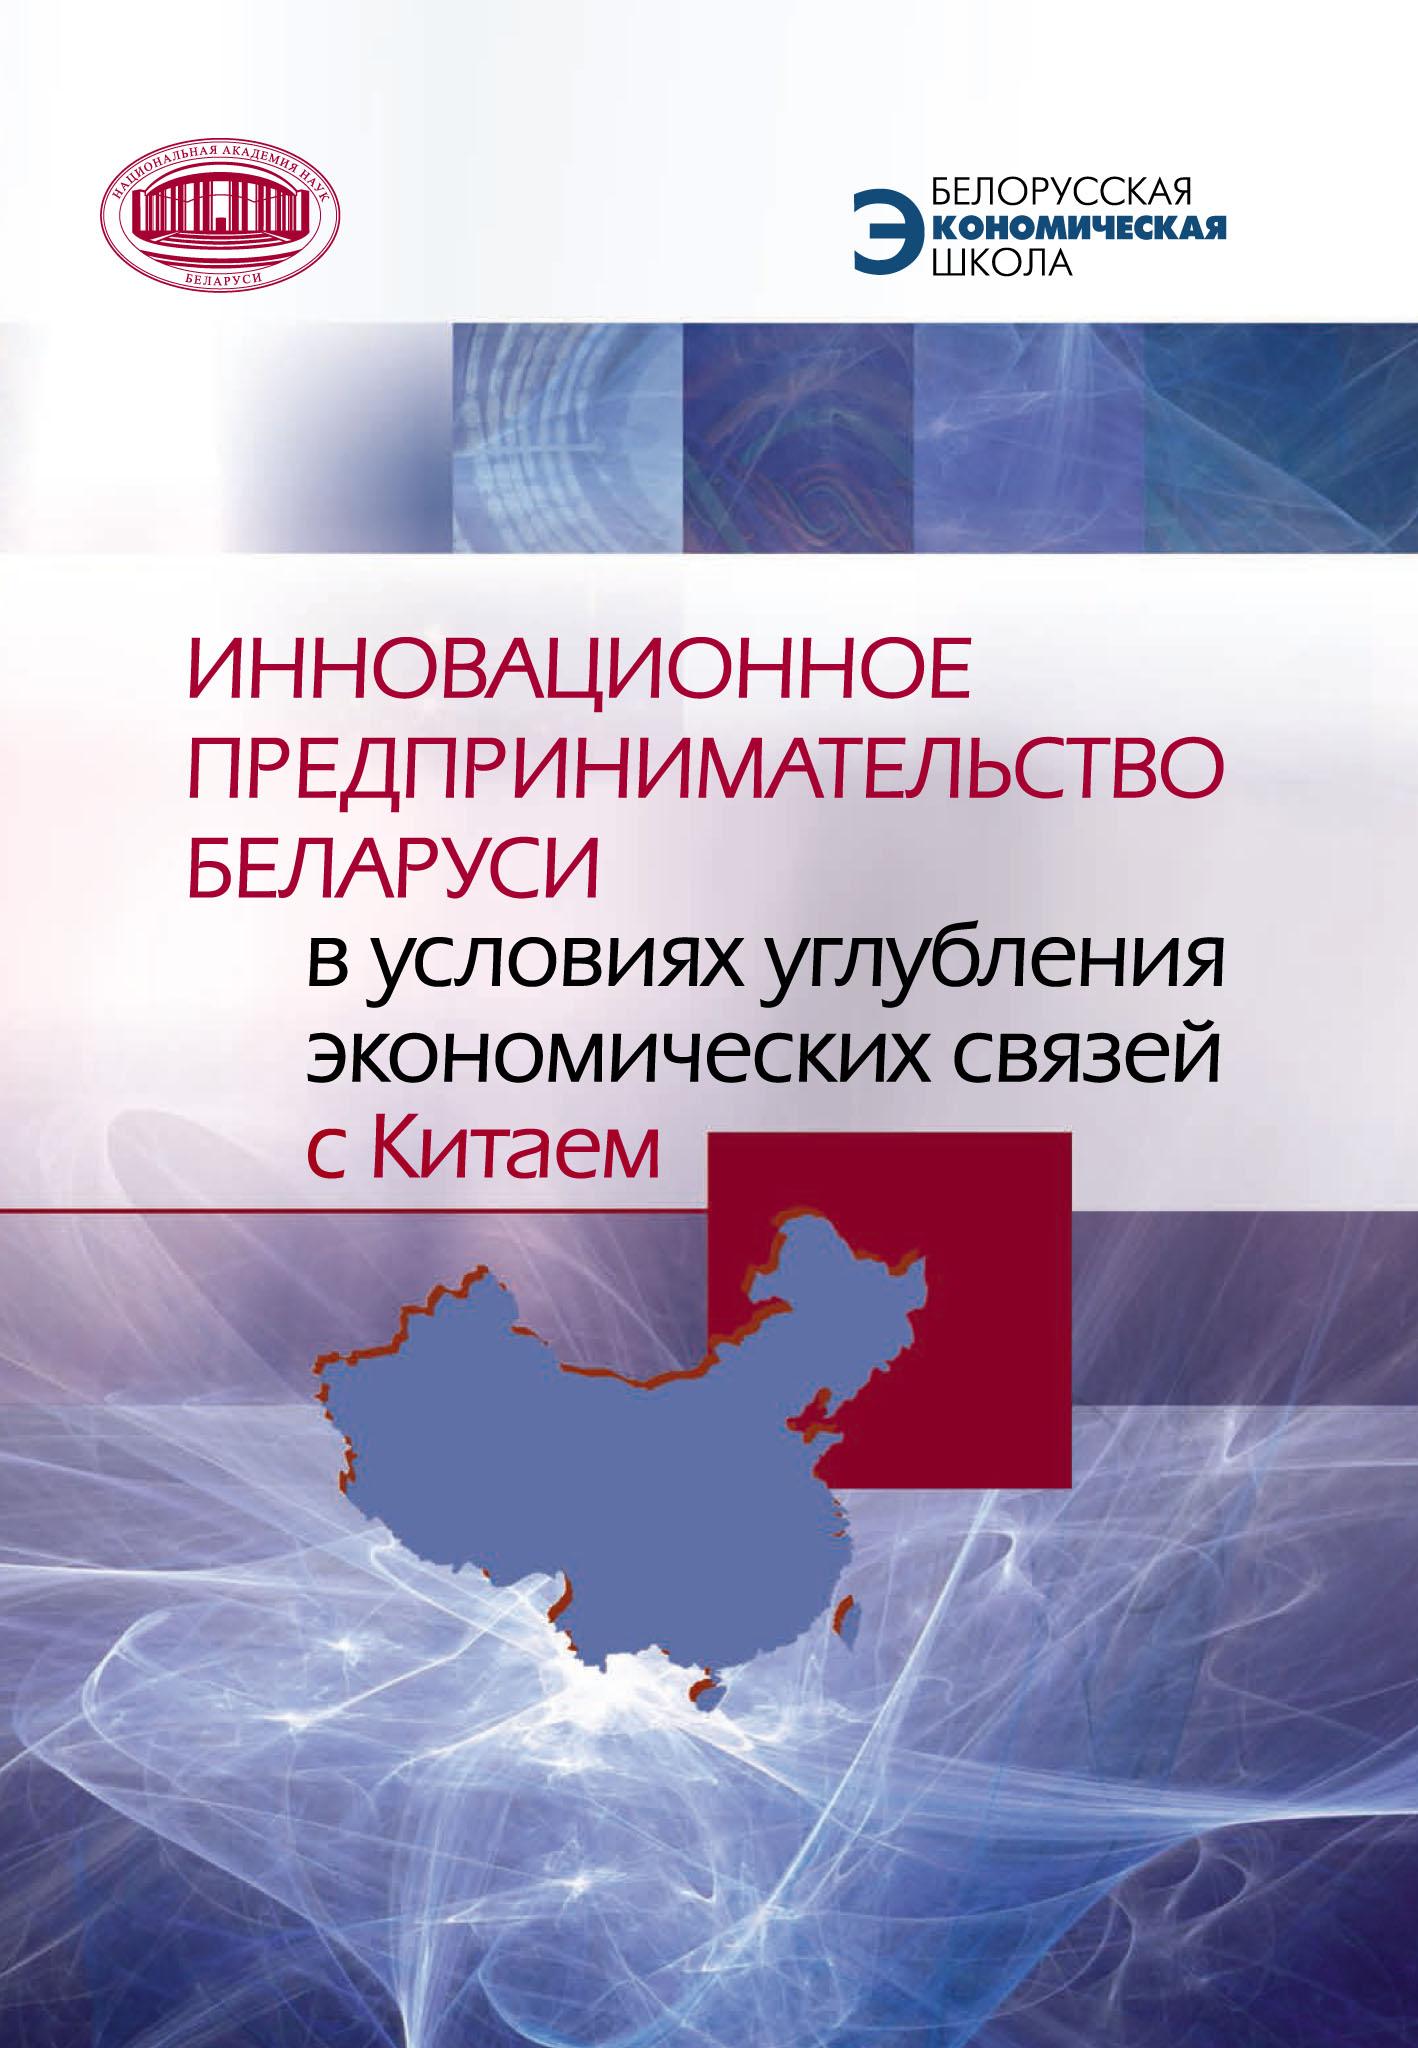 Коллектив авторов Инновационное предпринимательство Беларуси в условиях углубления экономических связей с Китаем